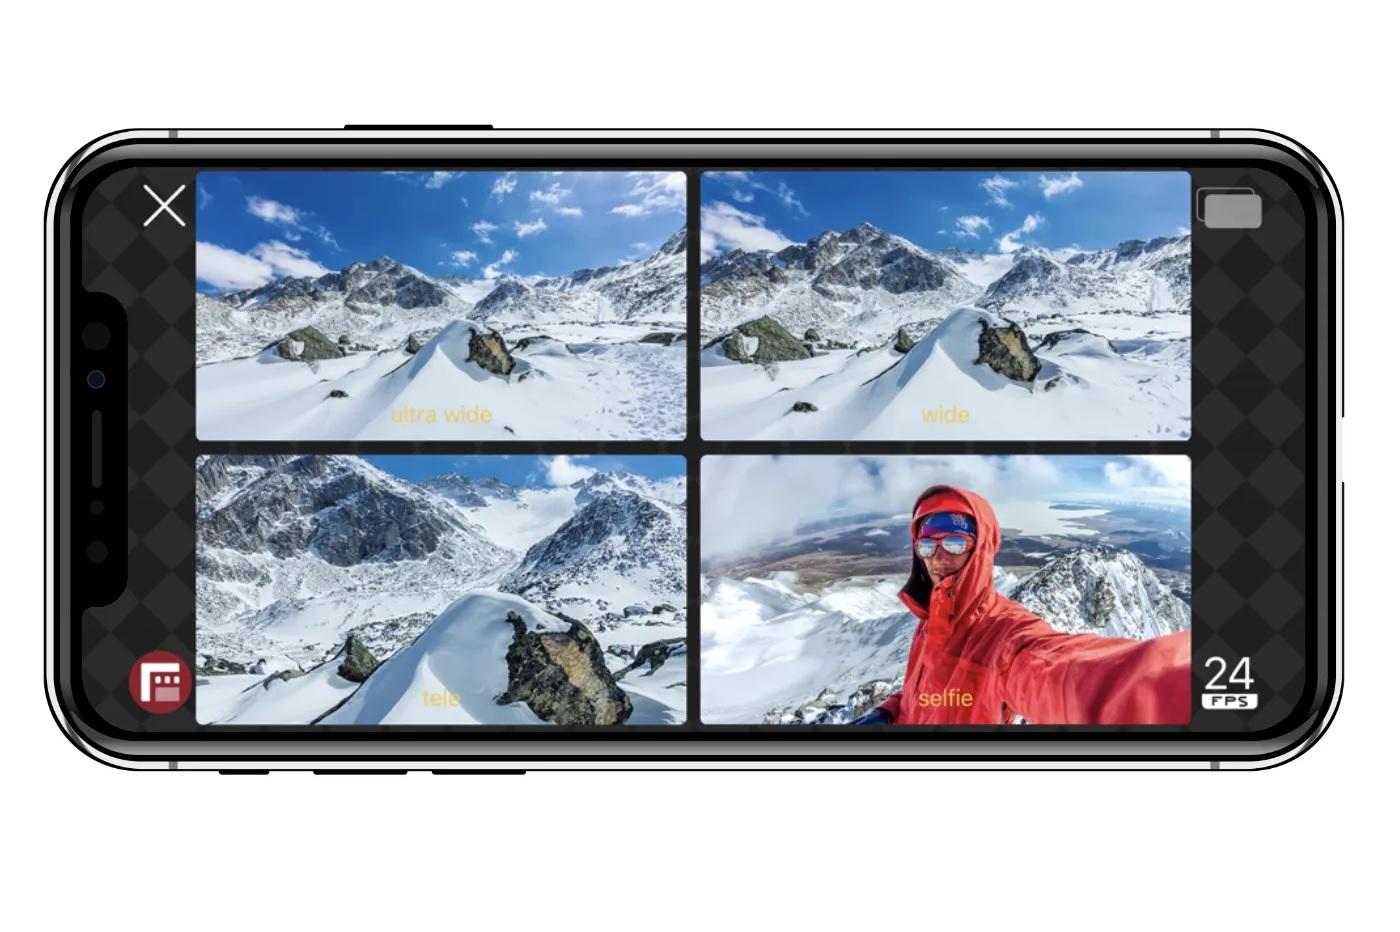 Vous pouvez maintenant utiliser le « multi-cam » d'iOS 13 sur cette application gratuite